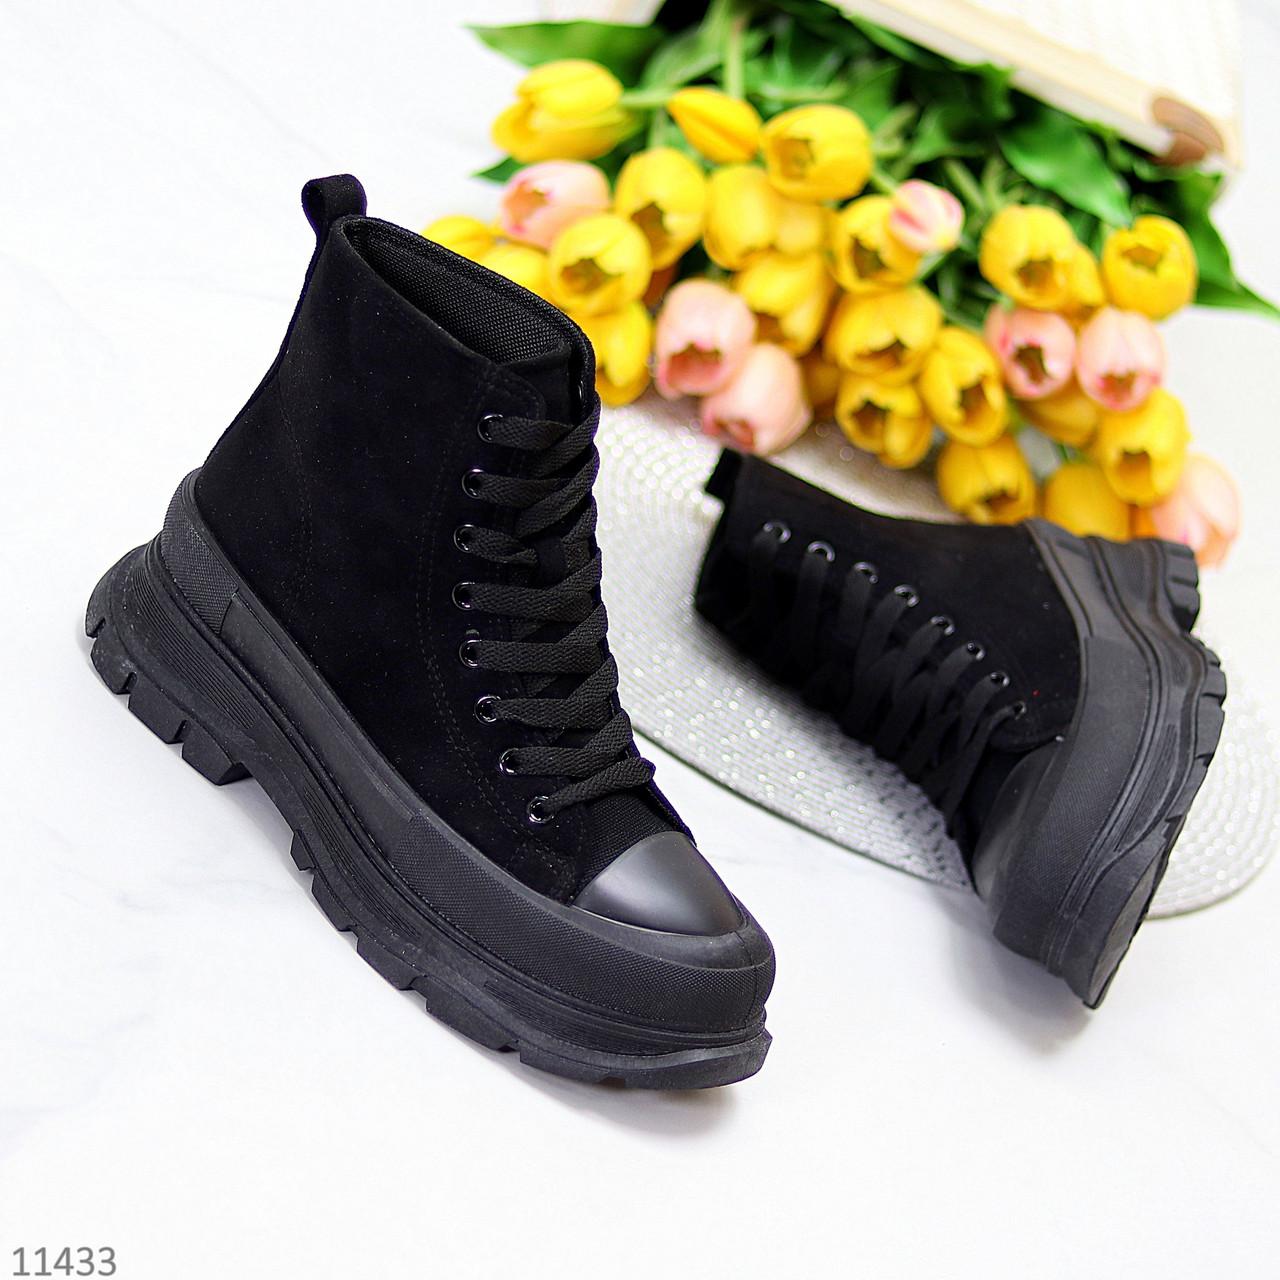 Женские ботинки весна-осень черные эко-замш